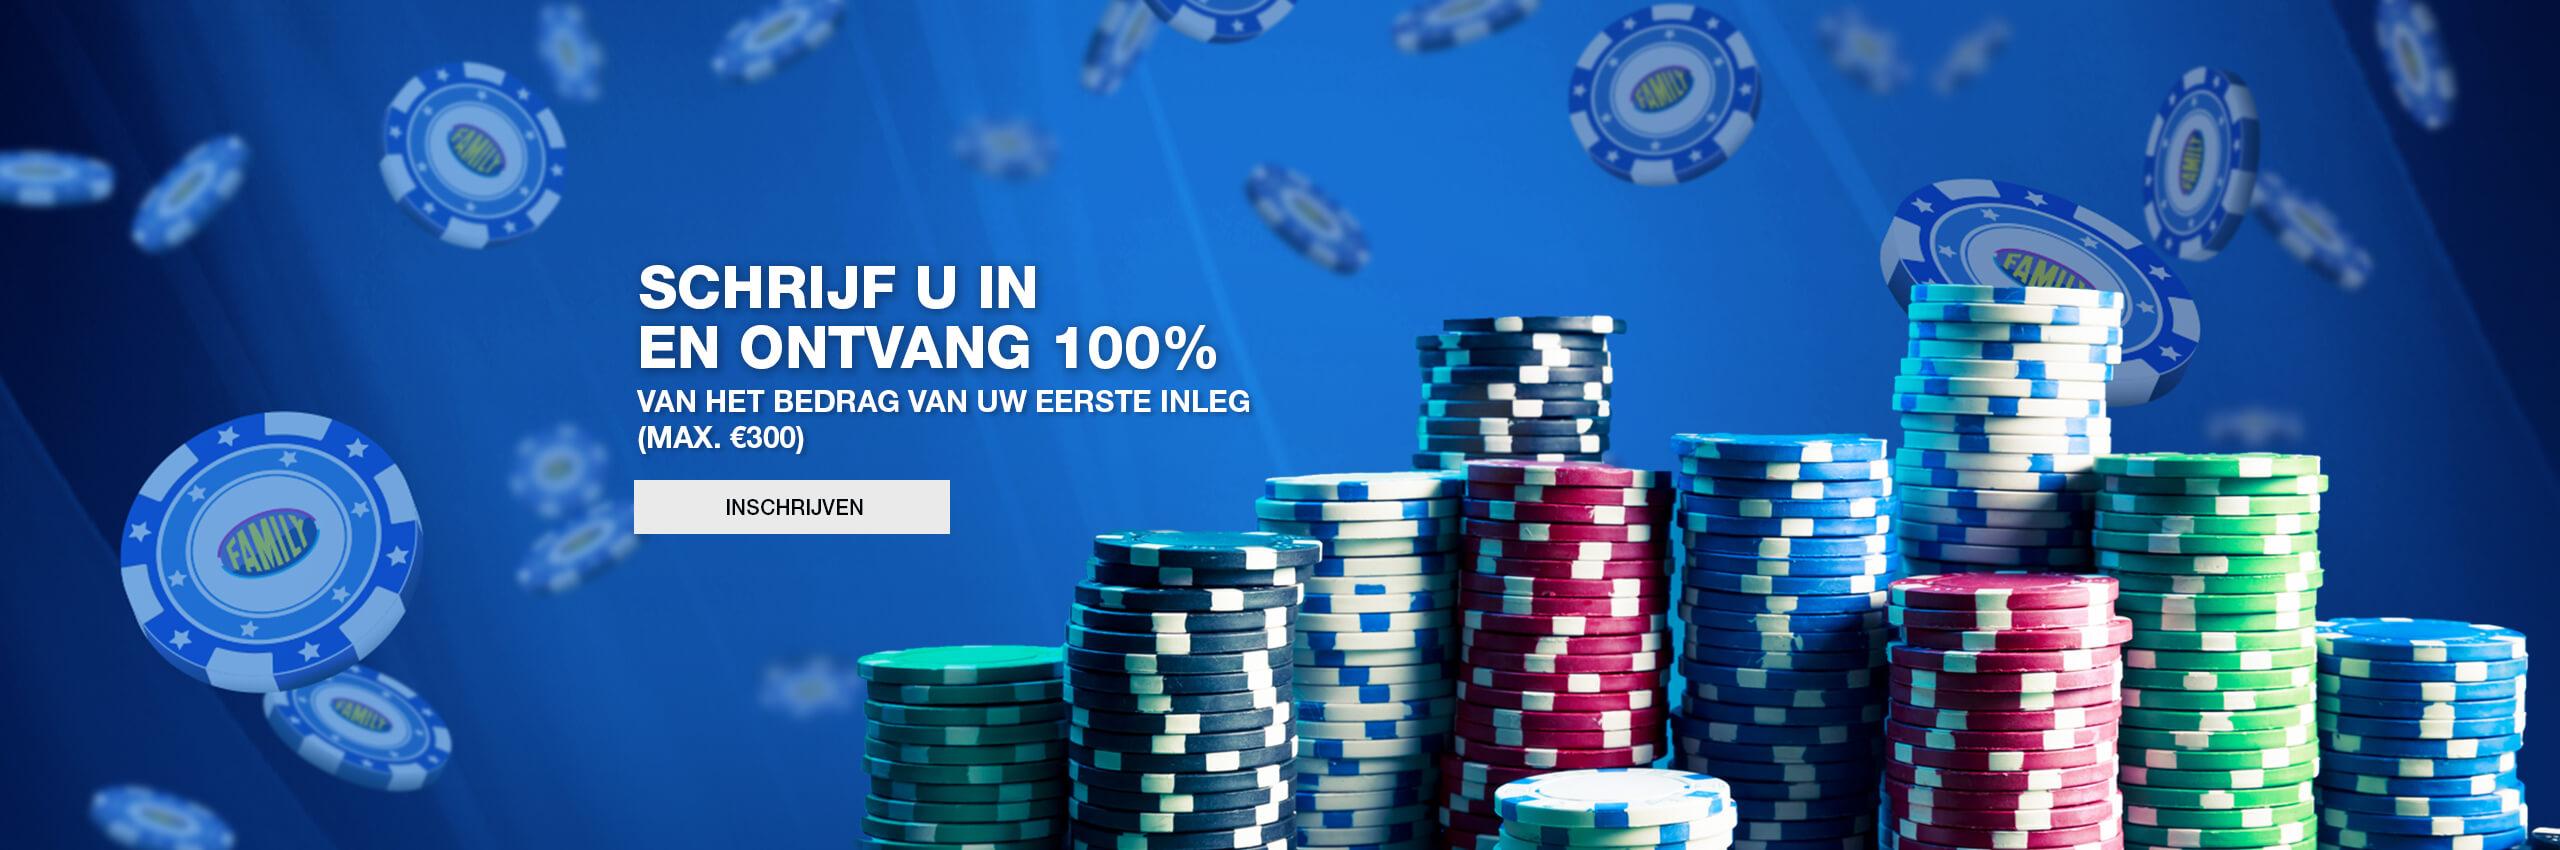 Online casino promoties betaalmethoden